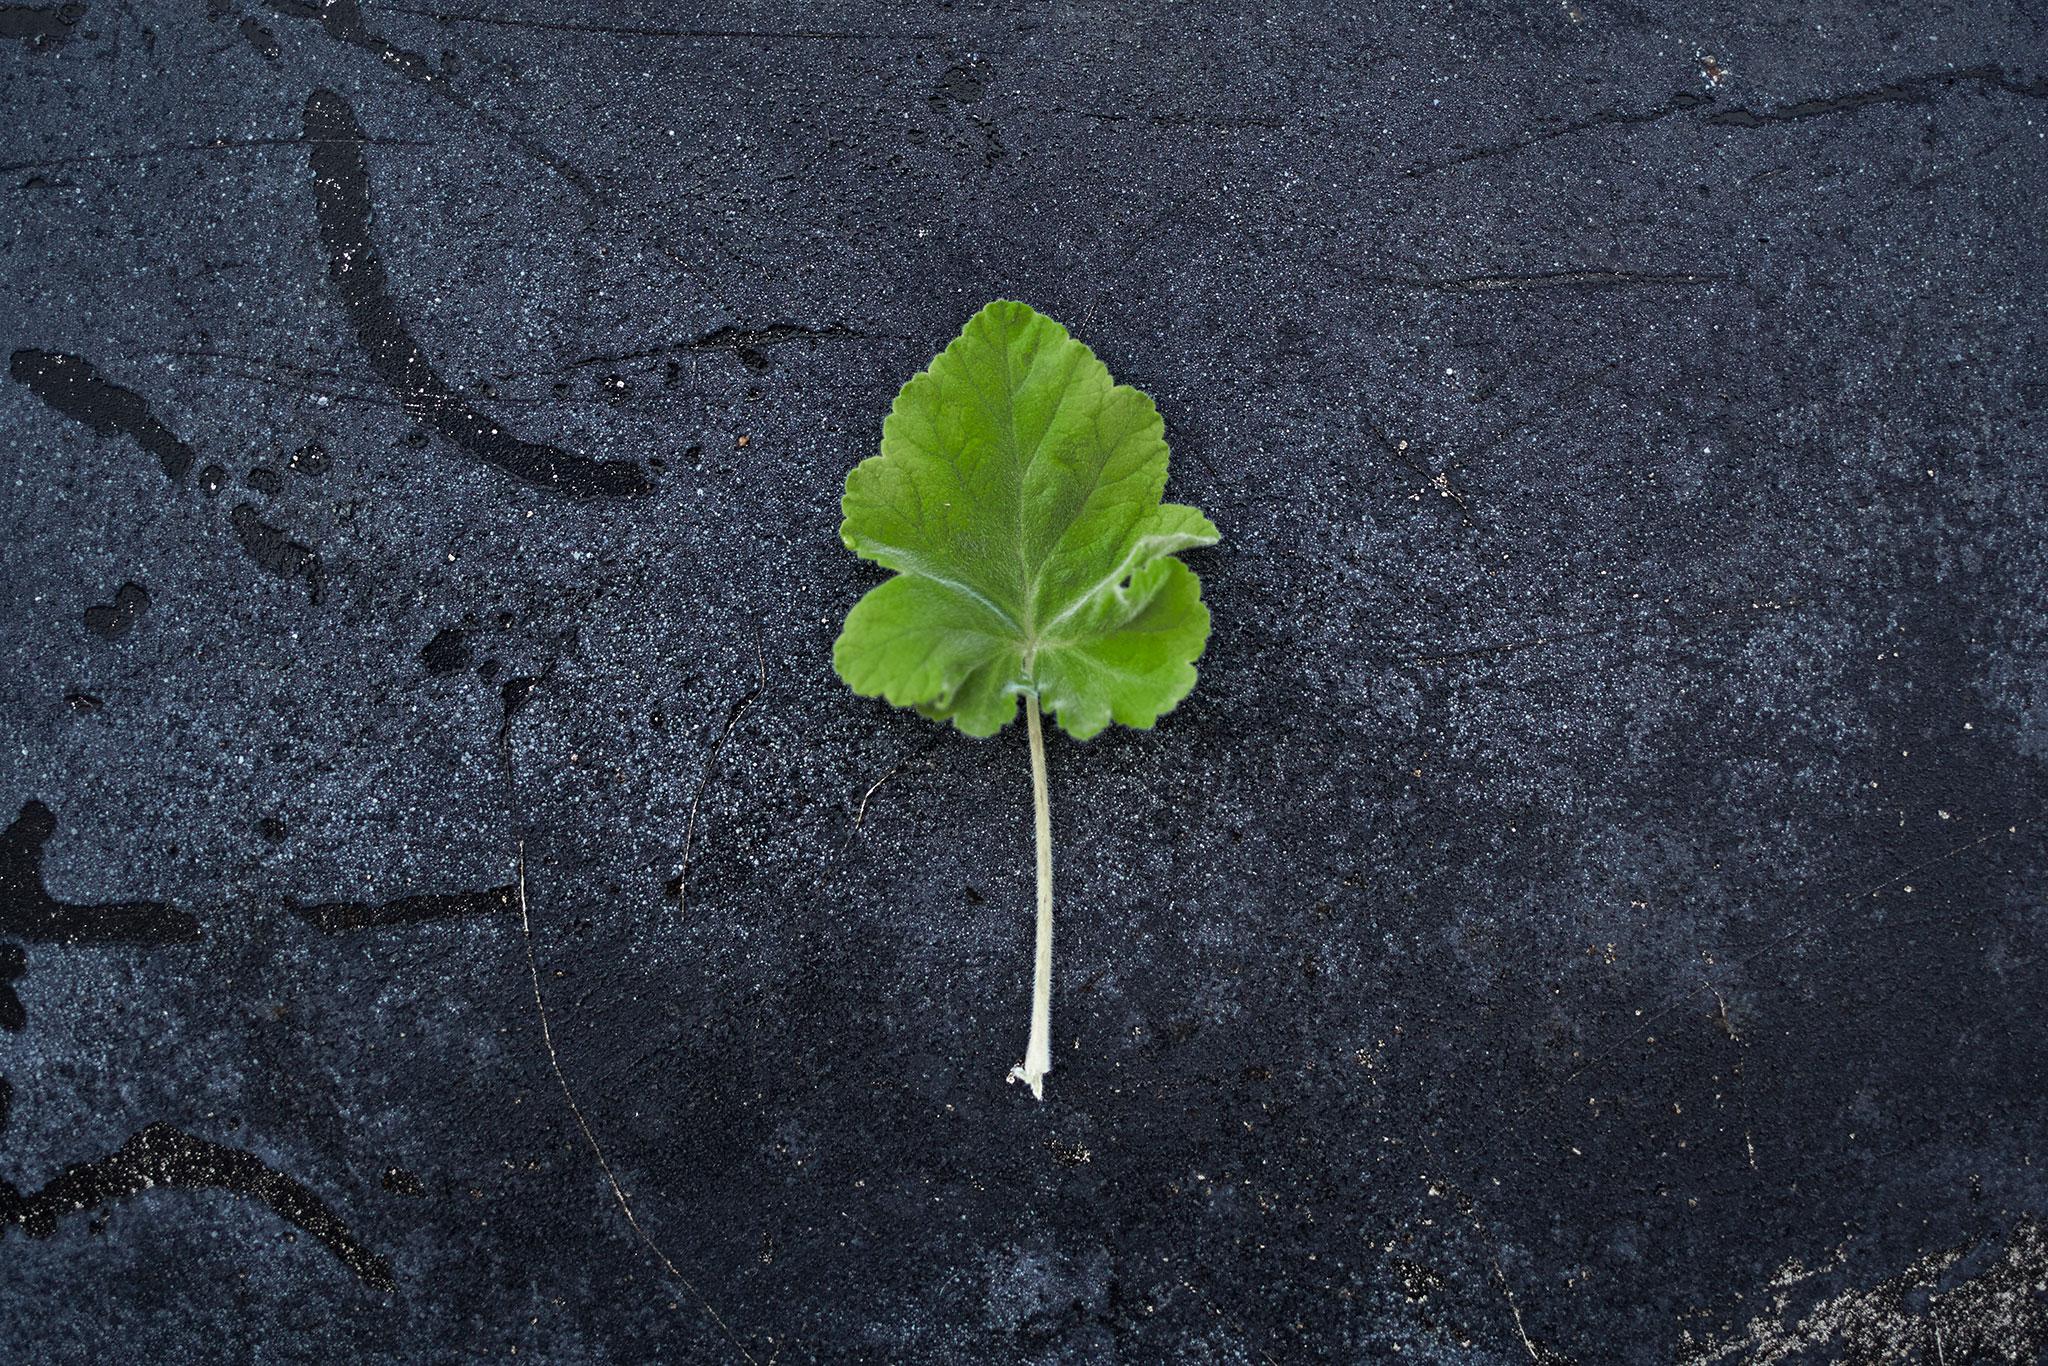 Pelargonium 'Islington Pepermint' - (Doftpelargon-Gruppen)Doft av pepparmint. Blommorna är tvåfärgade. De övre kronbladen mörkt röda och de nedre vita. Bladen är friskt gröna, trelobade med tydliga nerver. Lågväxande.Pris: 110:-